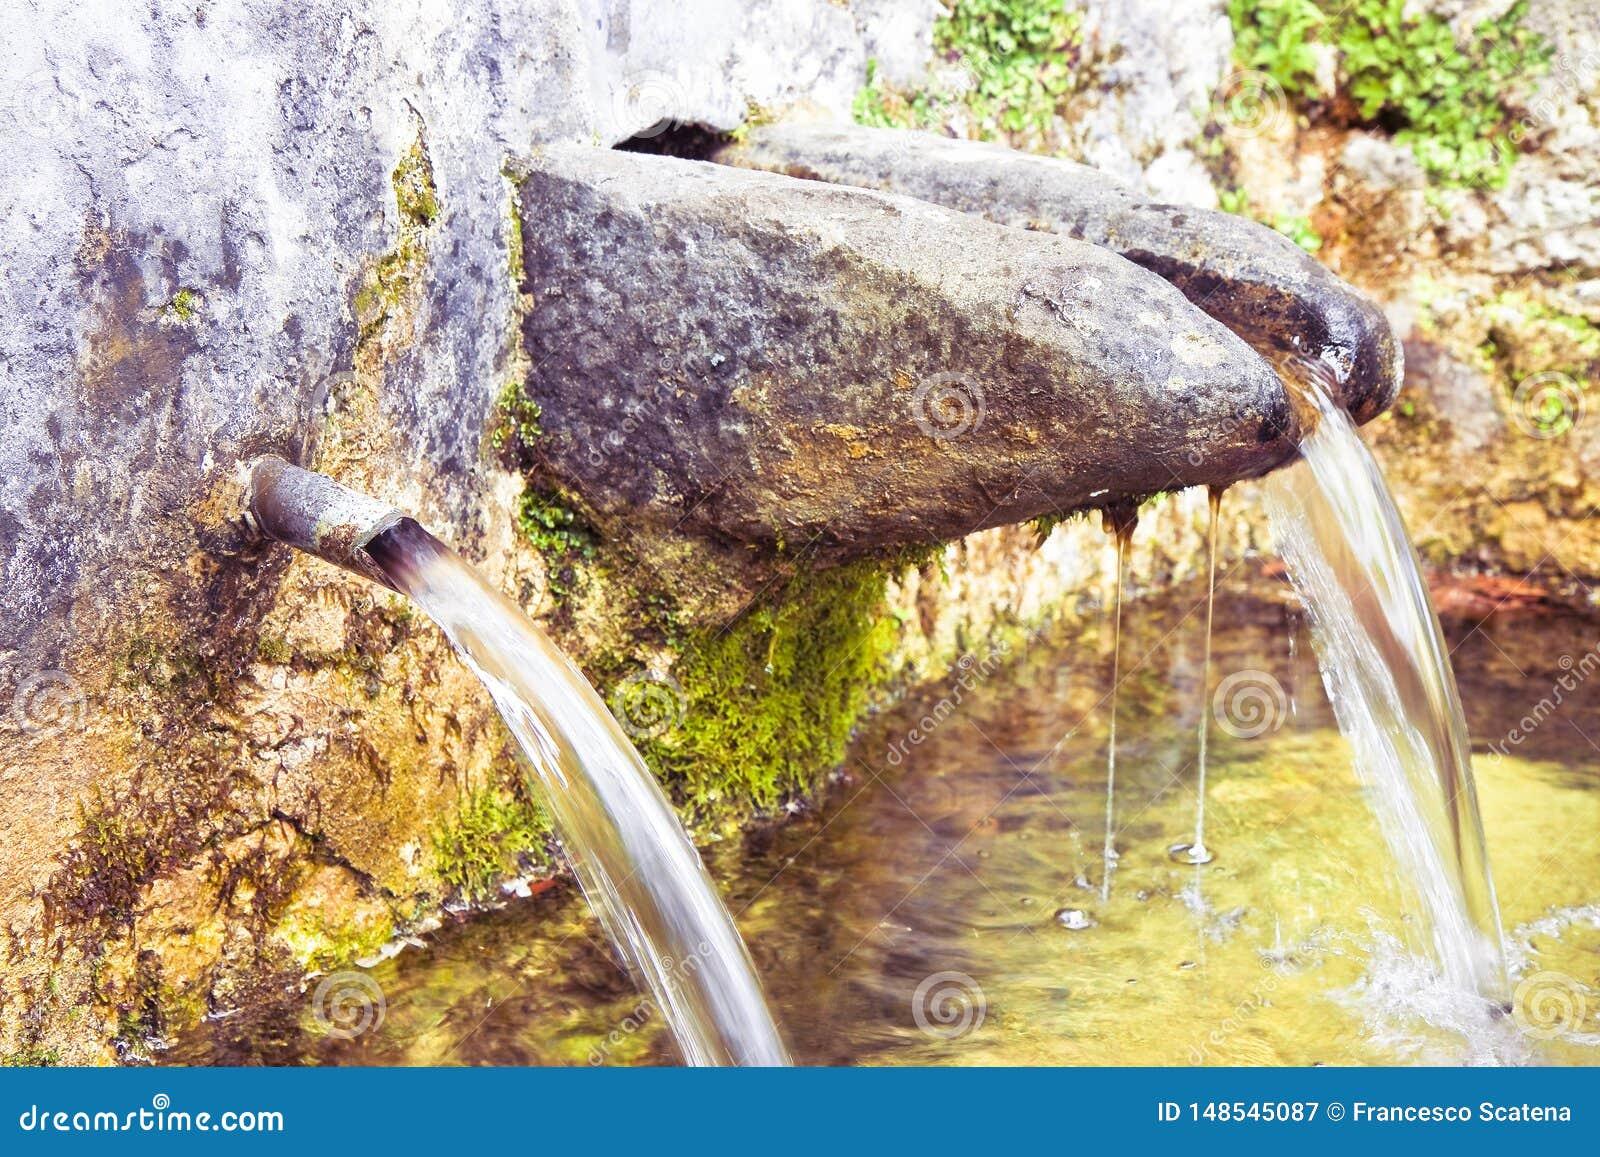 La source en pierre de l eau potable vient d une montagne - image avec l espace de copie